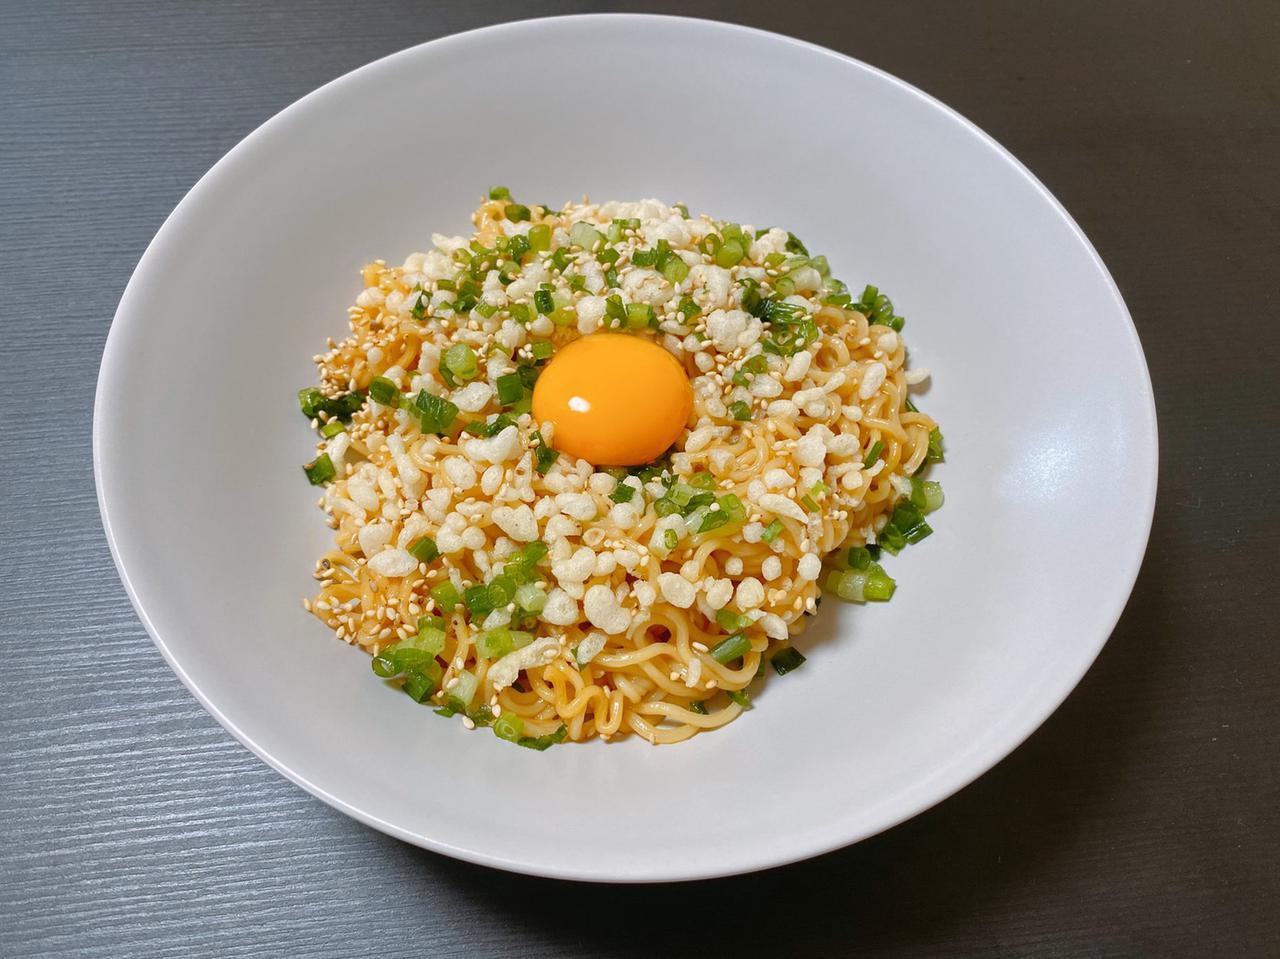 【インスタントラーメンアレンジレシピ】力尽きた日でも作れる! 簡単ズボラ飯を紹介